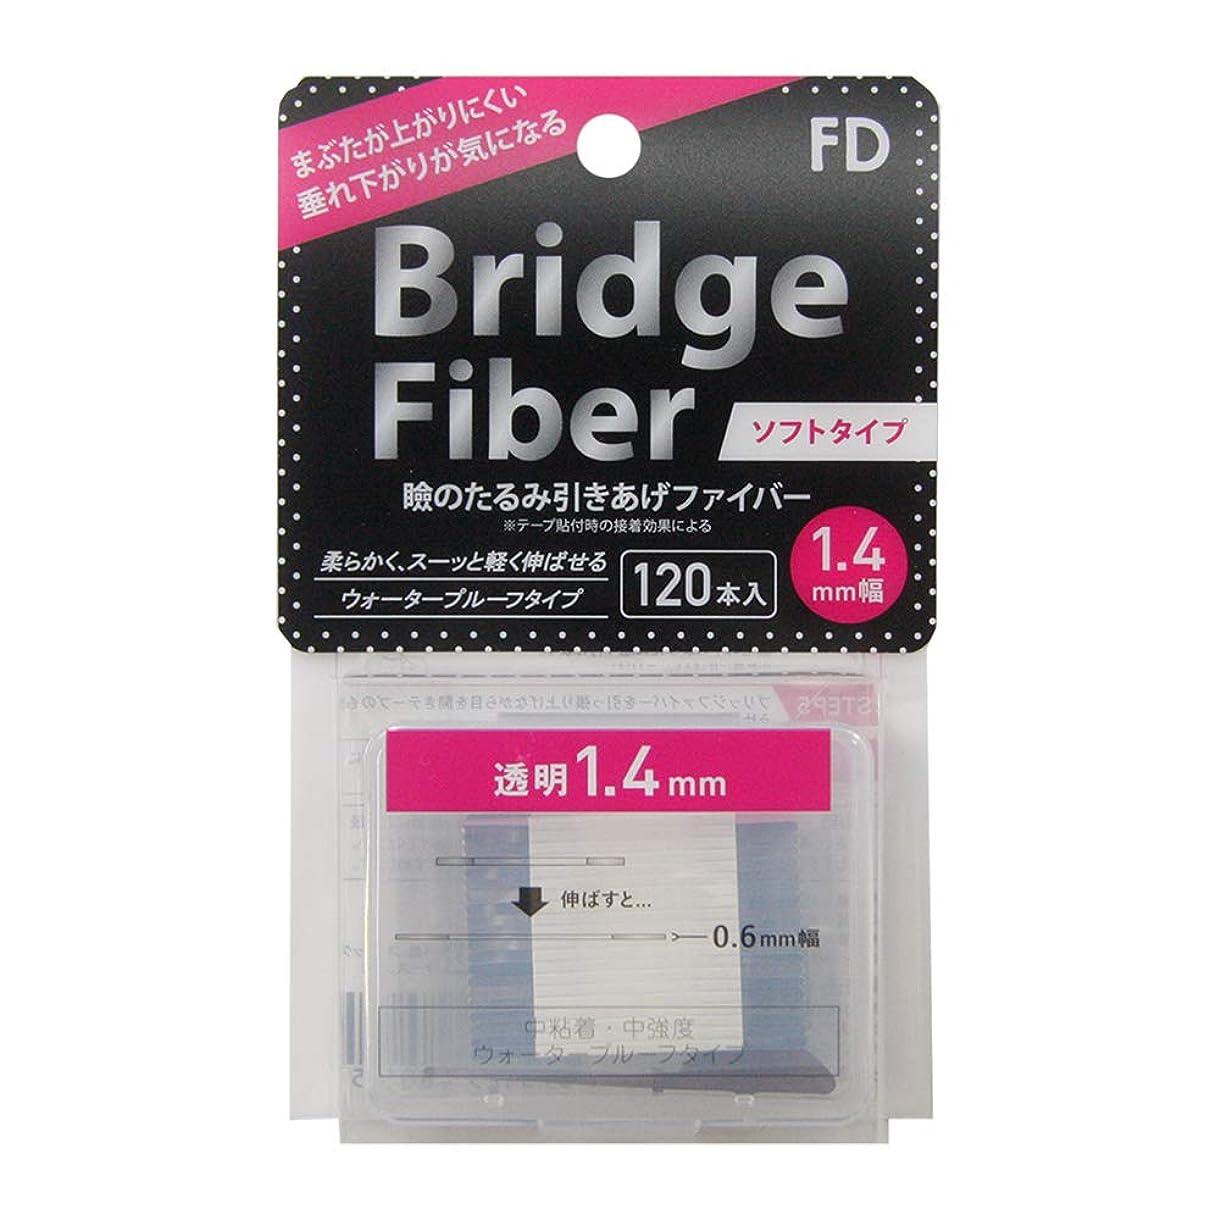 相互帳面祖先FD ブリッジソフトファイバー 眼瞼下垂防止テープ ソフトタイプ 透明1.4mm幅 120本入り